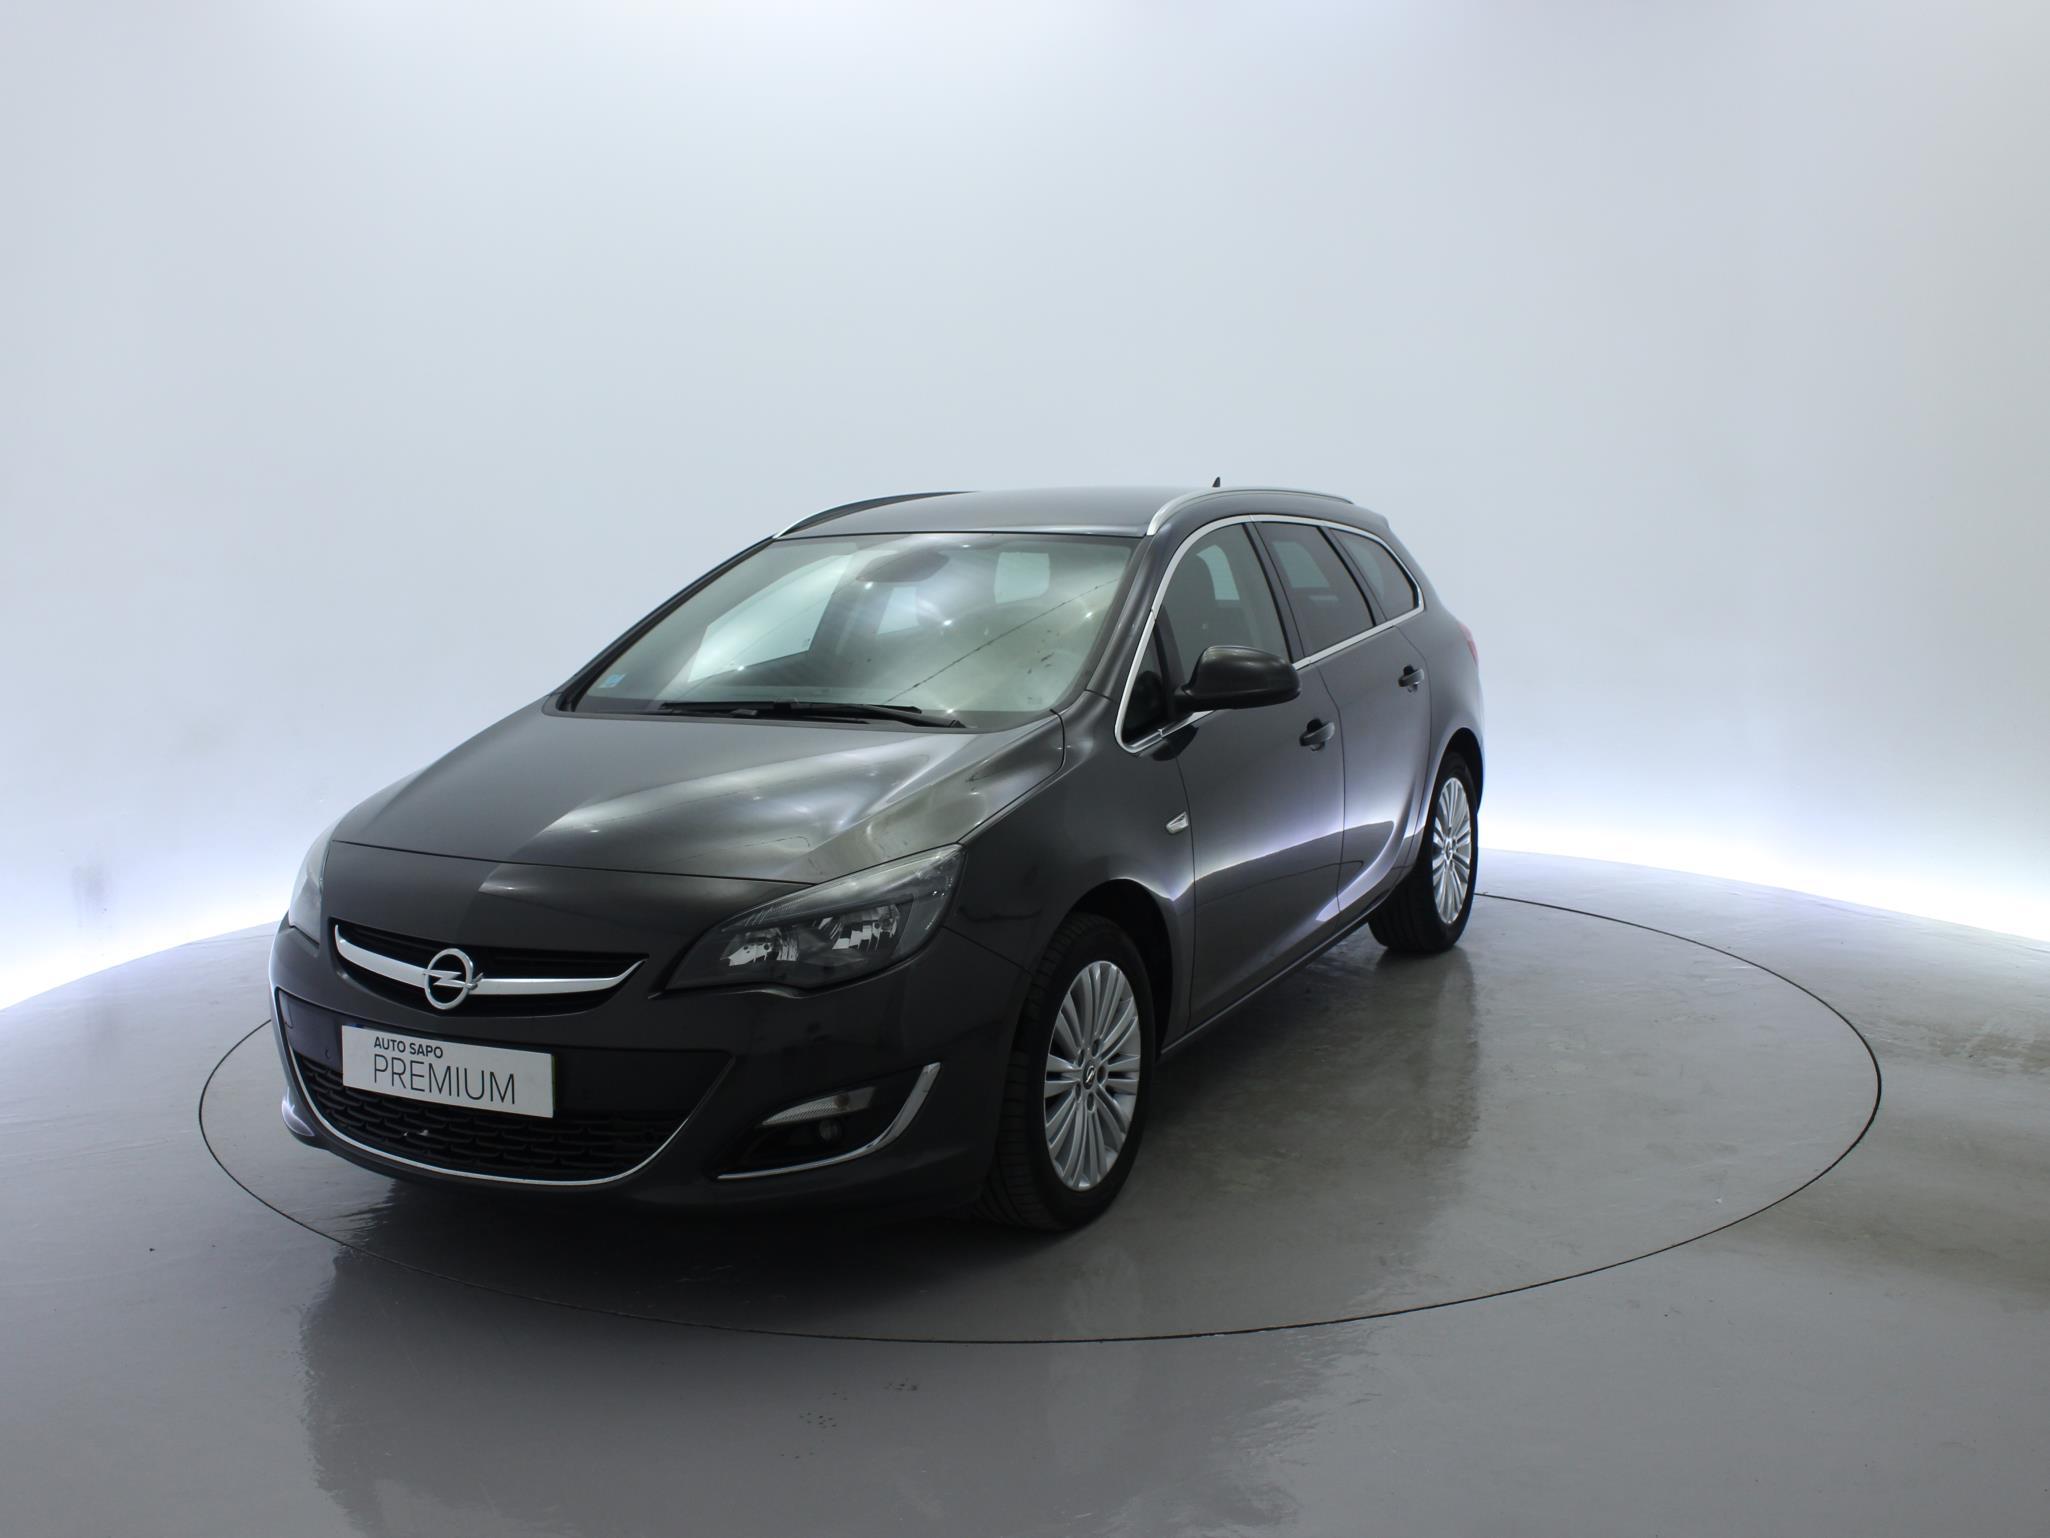 Opel Astra 1.6 CDTi Cosmo S/S